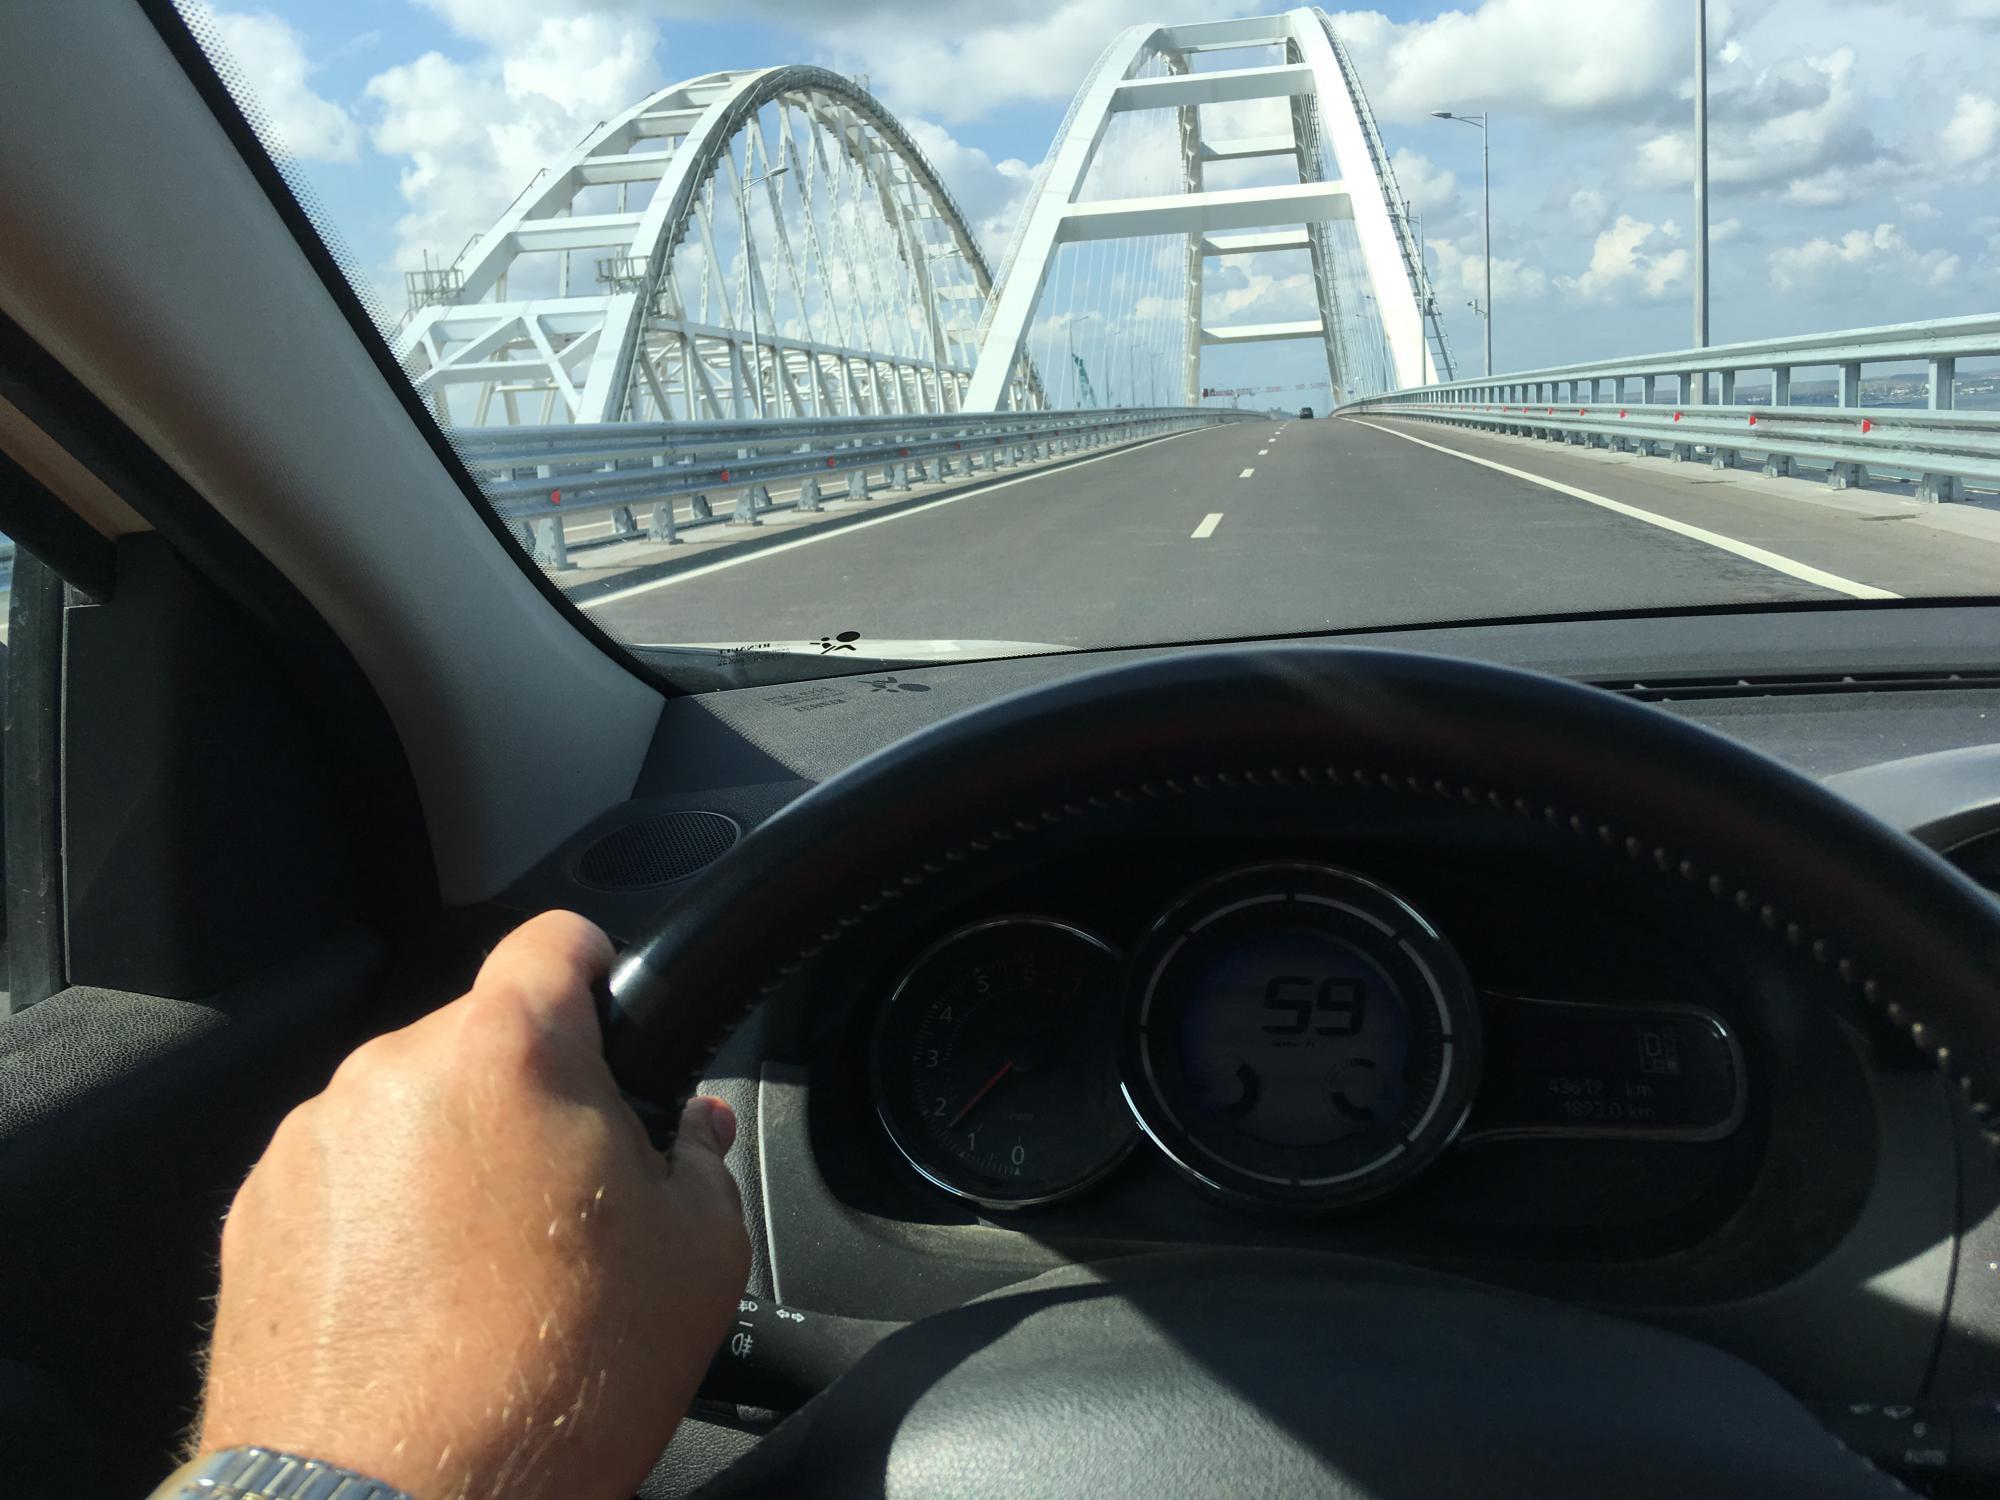 Крымский мост в моем сердце, или почему я хотел обнять Путина (много фото) (Кузьма Кузьмич И.)